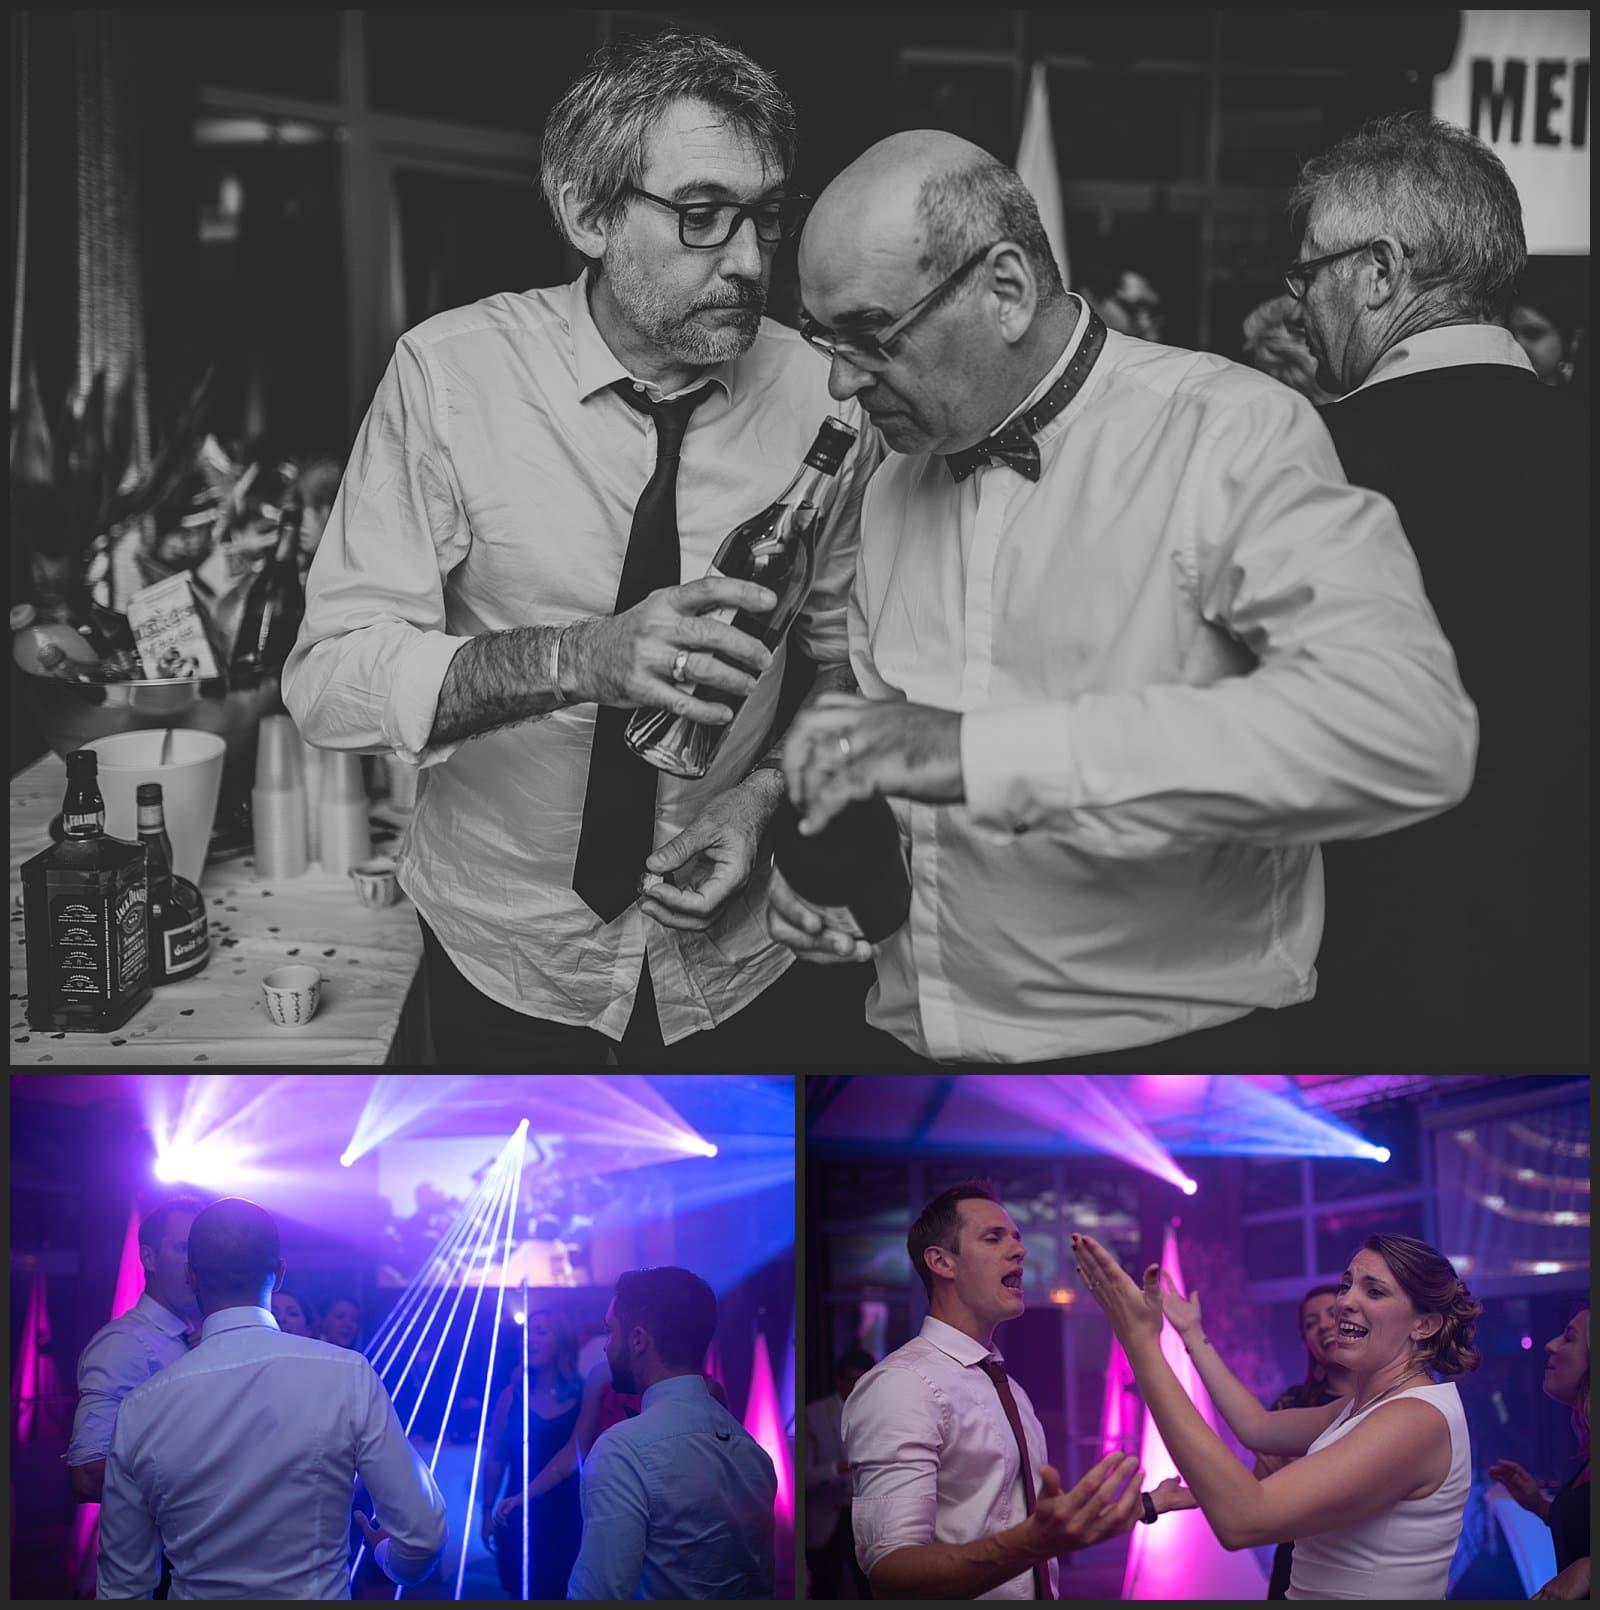 Invités qui se servent à boire et invités qui dance au clos des cèdres mariage sur Limoges par vivien malagnat